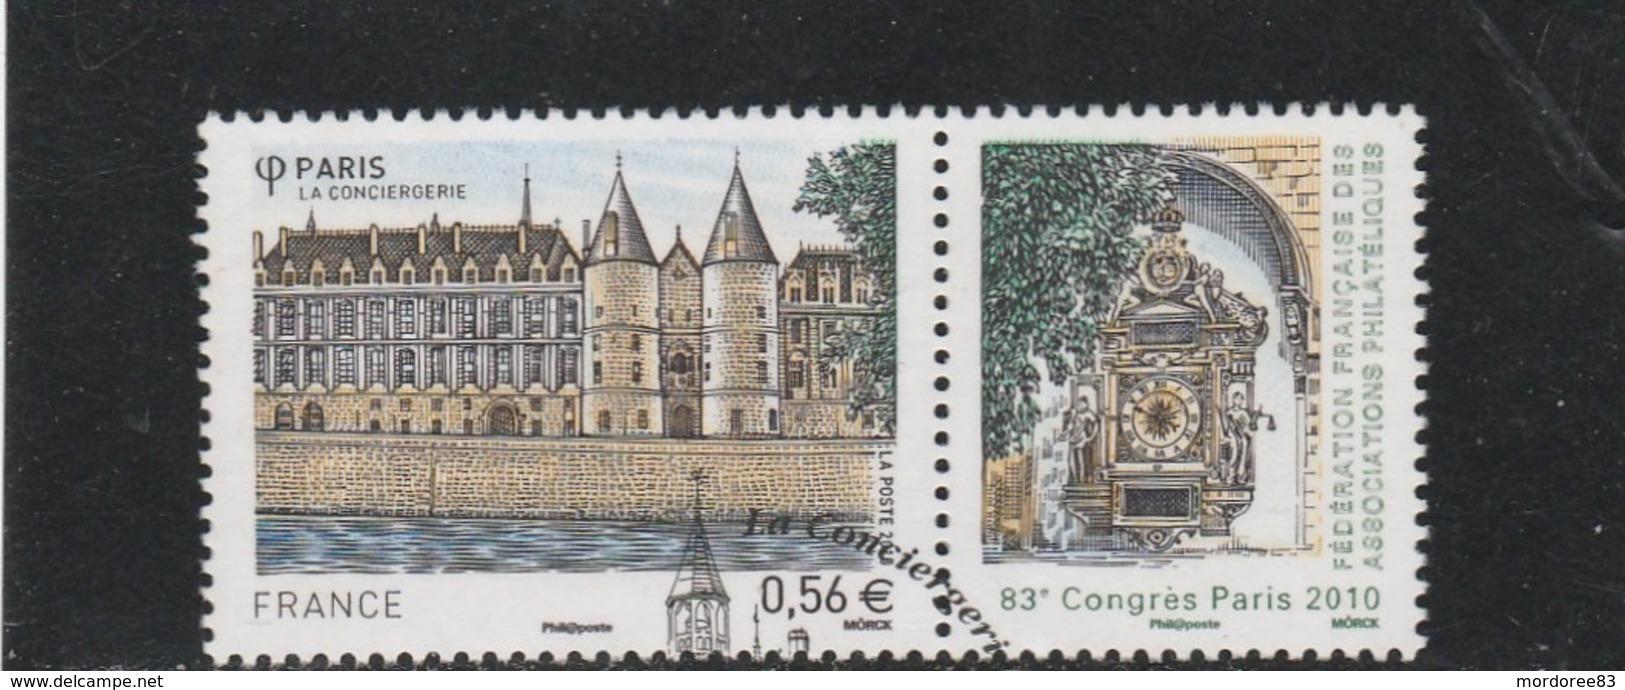 FRANCE 2010 LA CONCIERGERIE OBLITERE A DATE YT 4494 - France